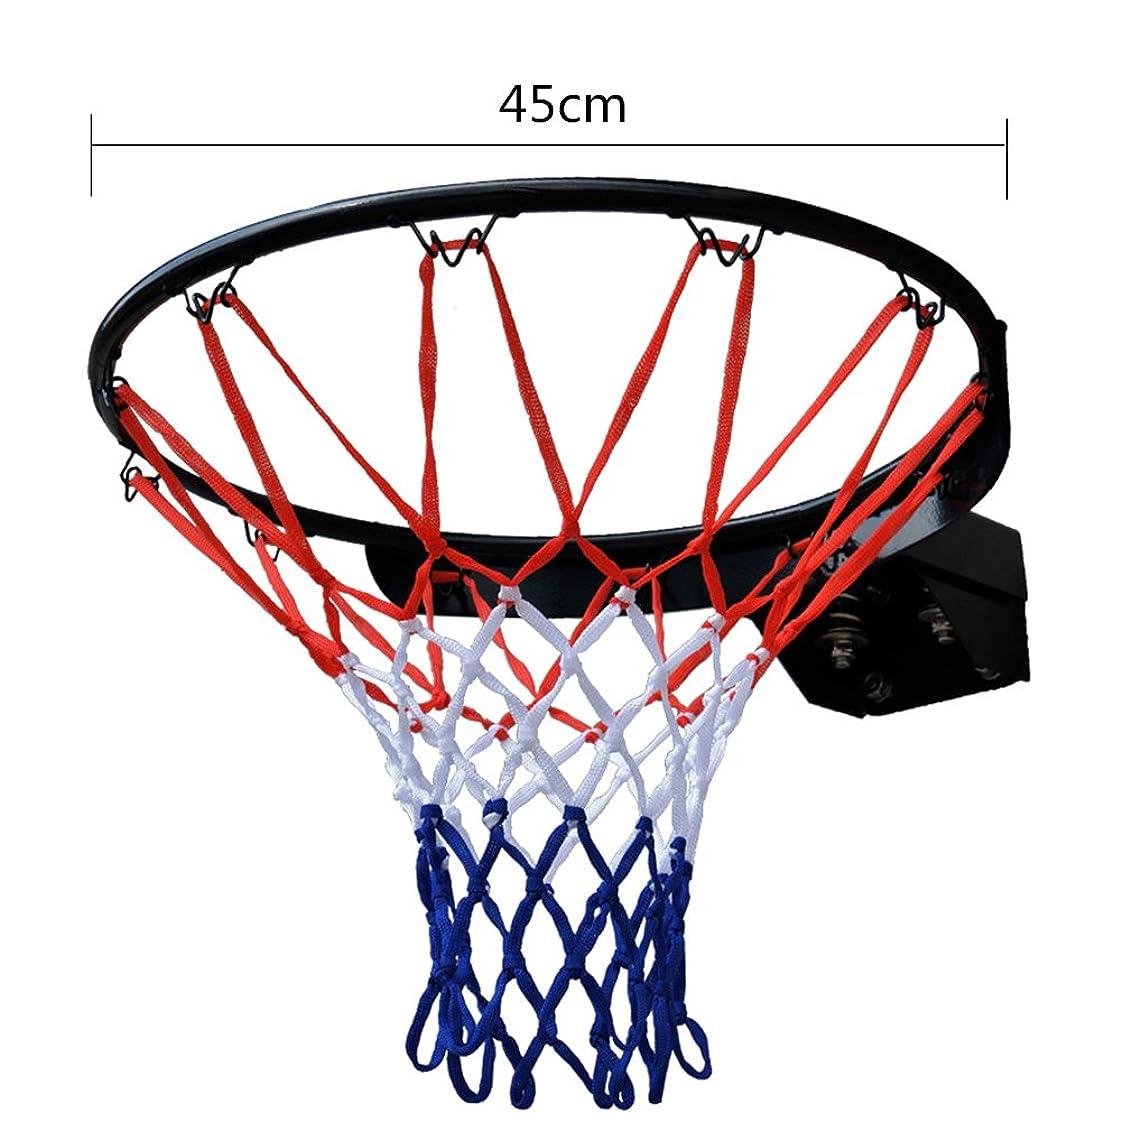 小競り合い目的変わるIKENOKOI バスケットゴール バスケットリング ネット付き セット 内径45cm 公式サイズ